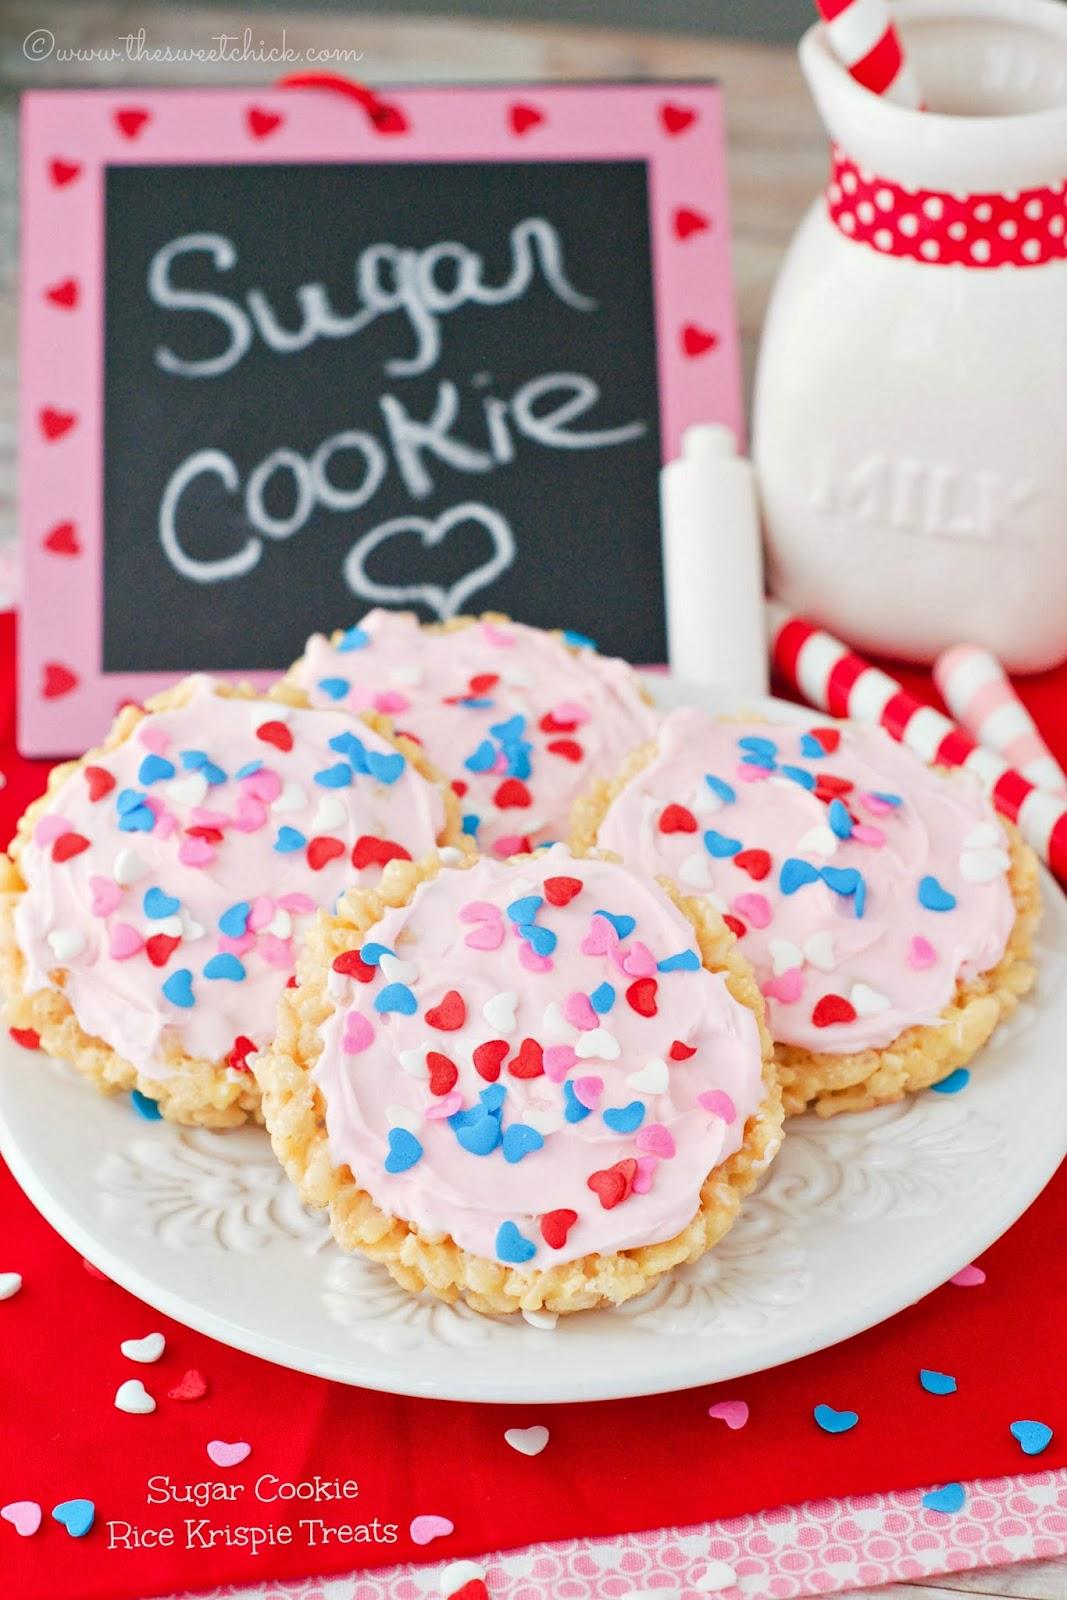 Sugar Cookie Rice Krispie Treats